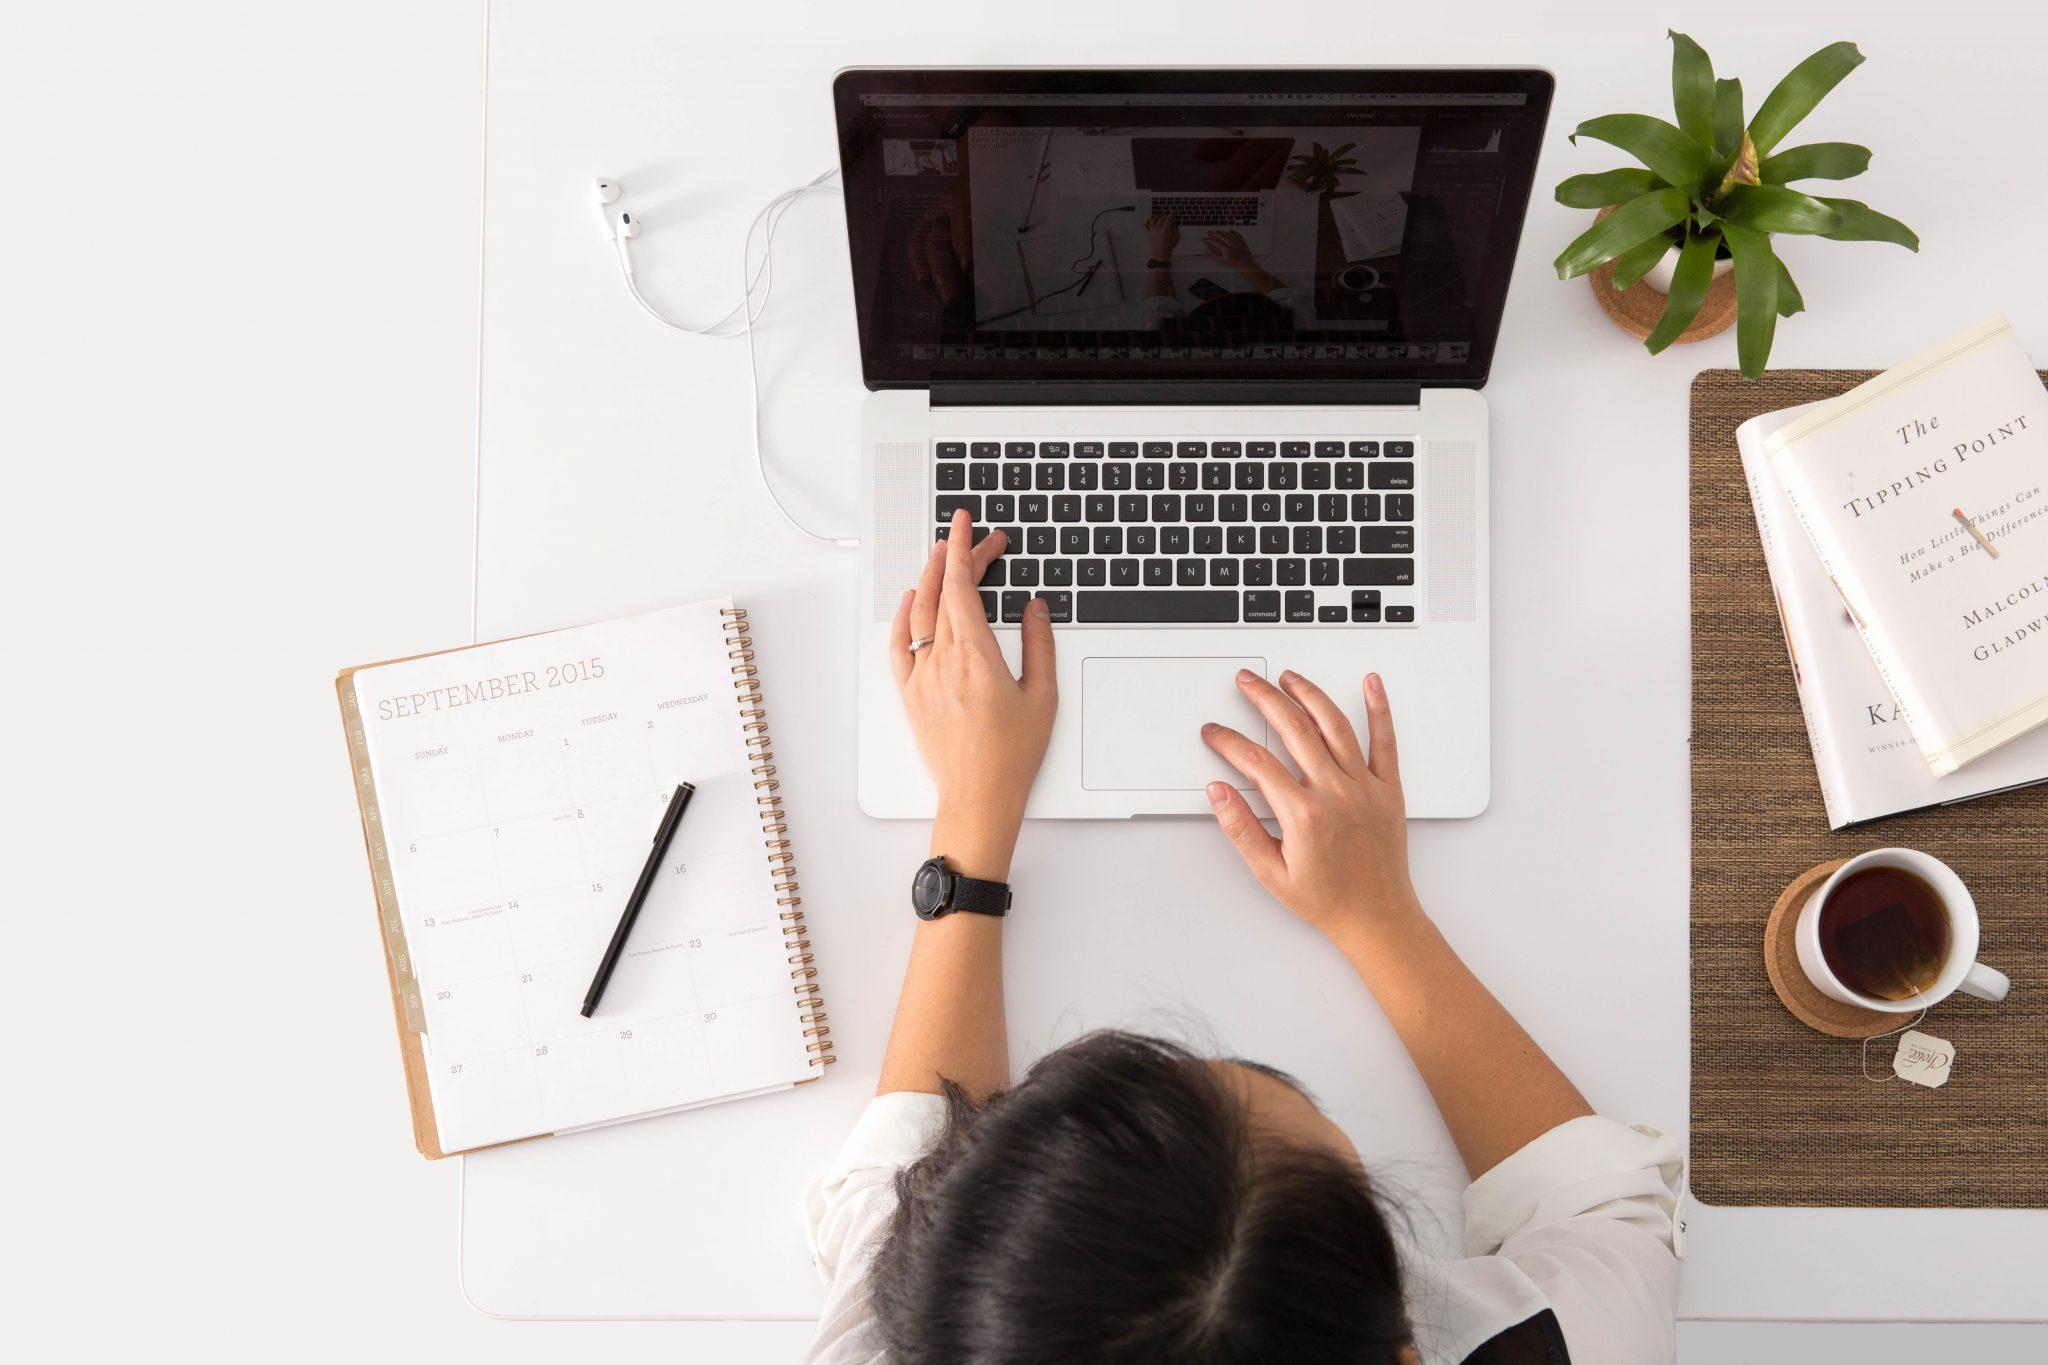 Écrire un article de blog - Écrire un billet de blog